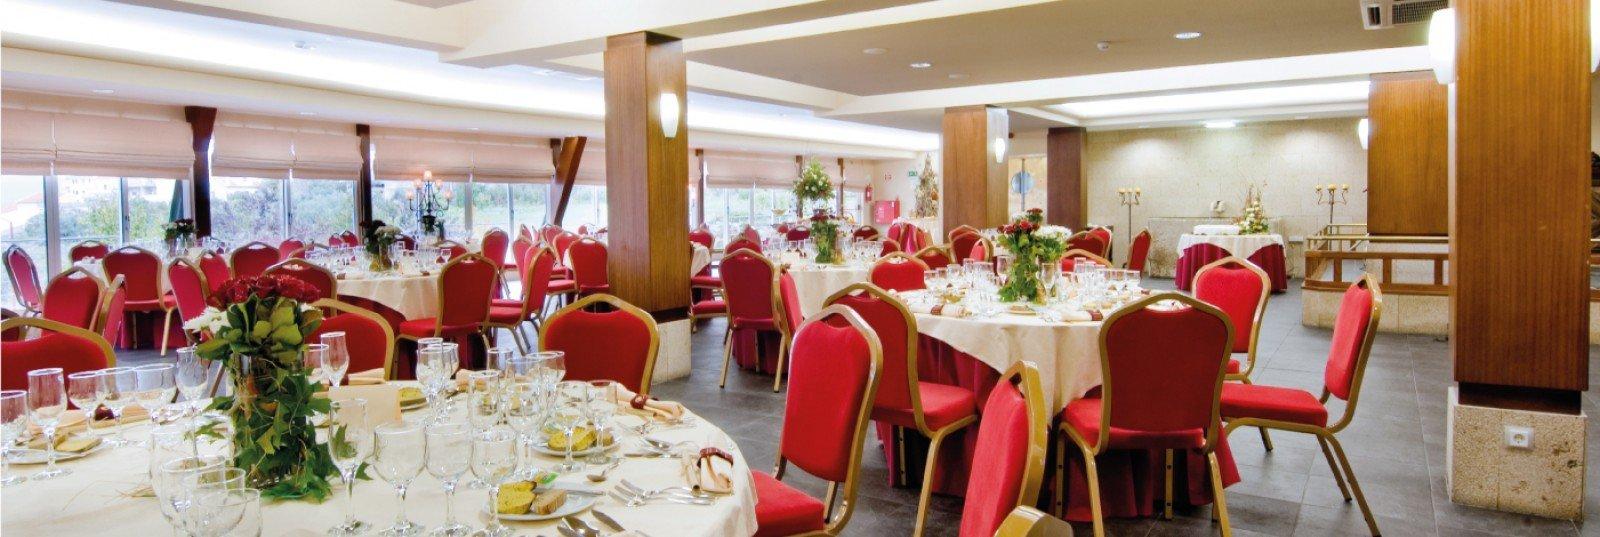 Hotel Eurosol Seia Camelo - sala de banquetes